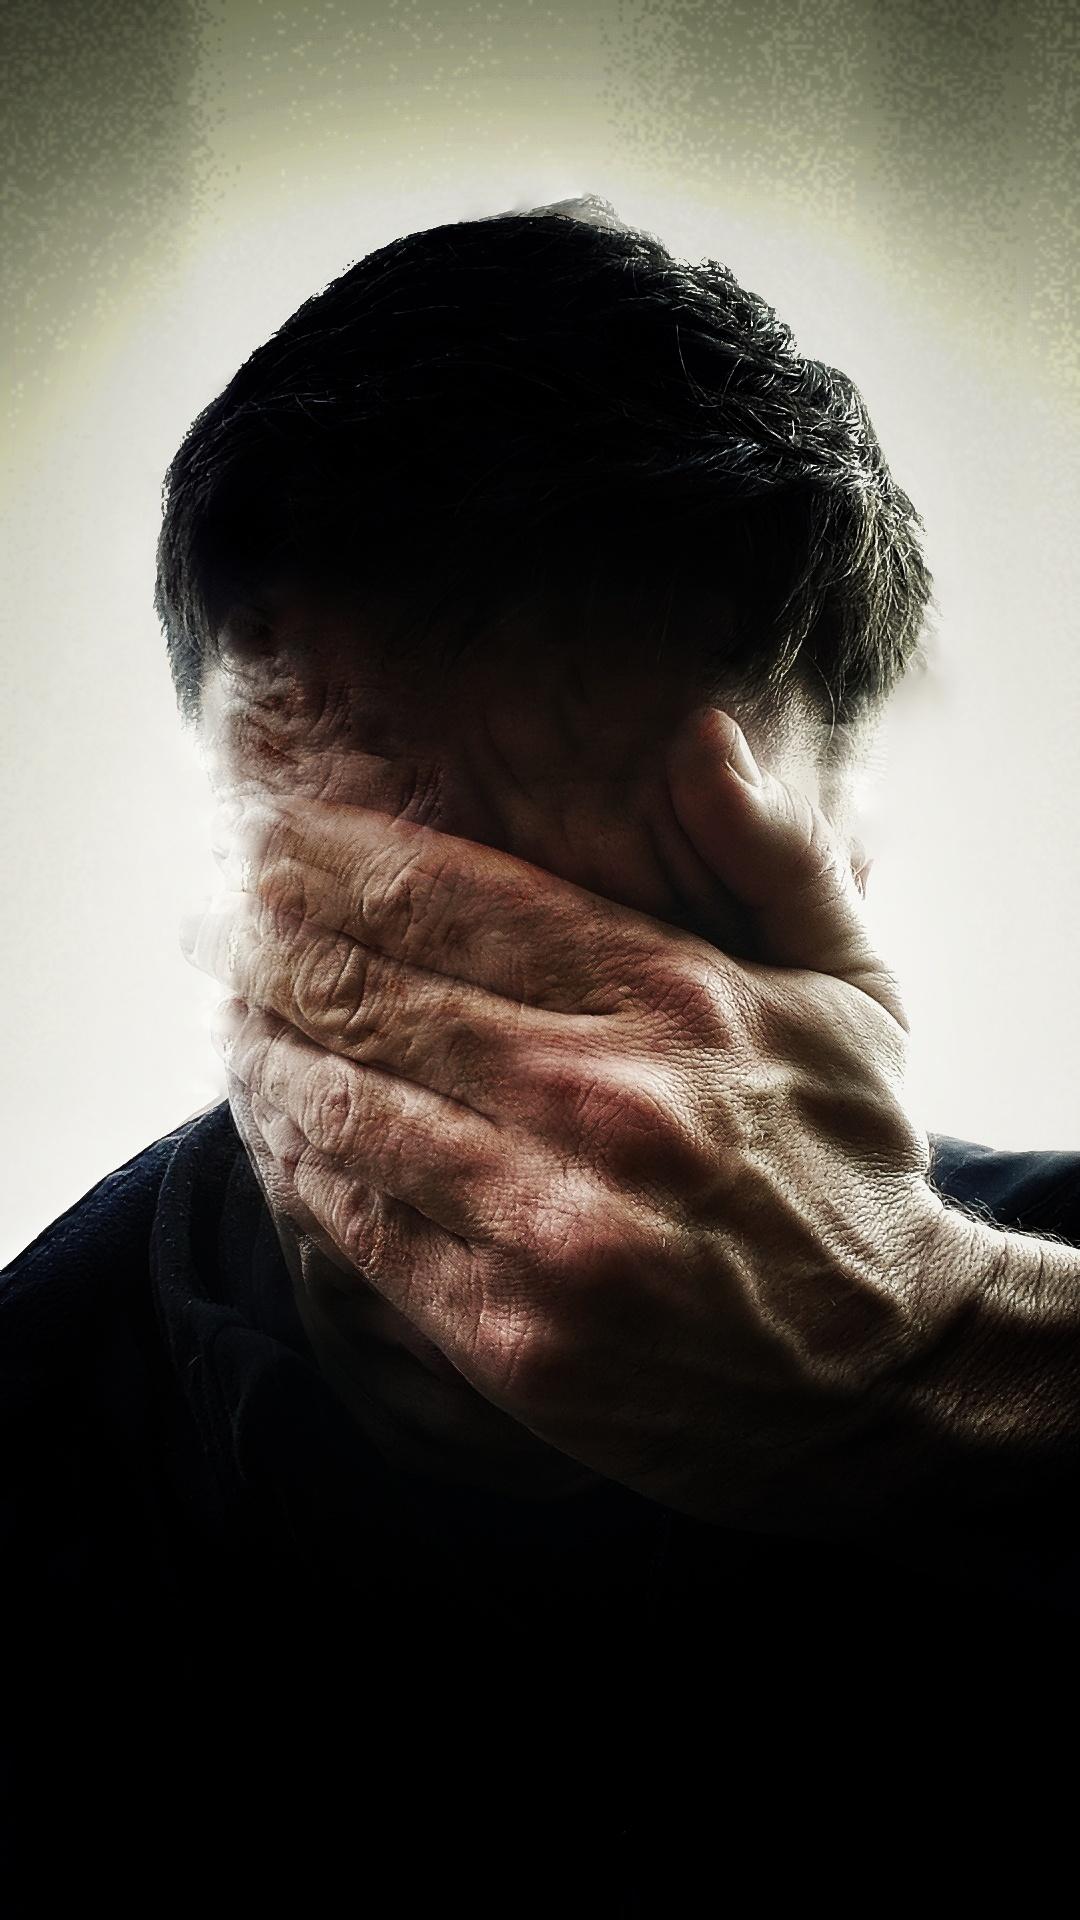 Martin Geisler Soulfies Selflie Selbstportrait Bizarr Grotesk Abbild Seele Emotion Mensch Abbild Augenscheinlicht Kunst Fotografie